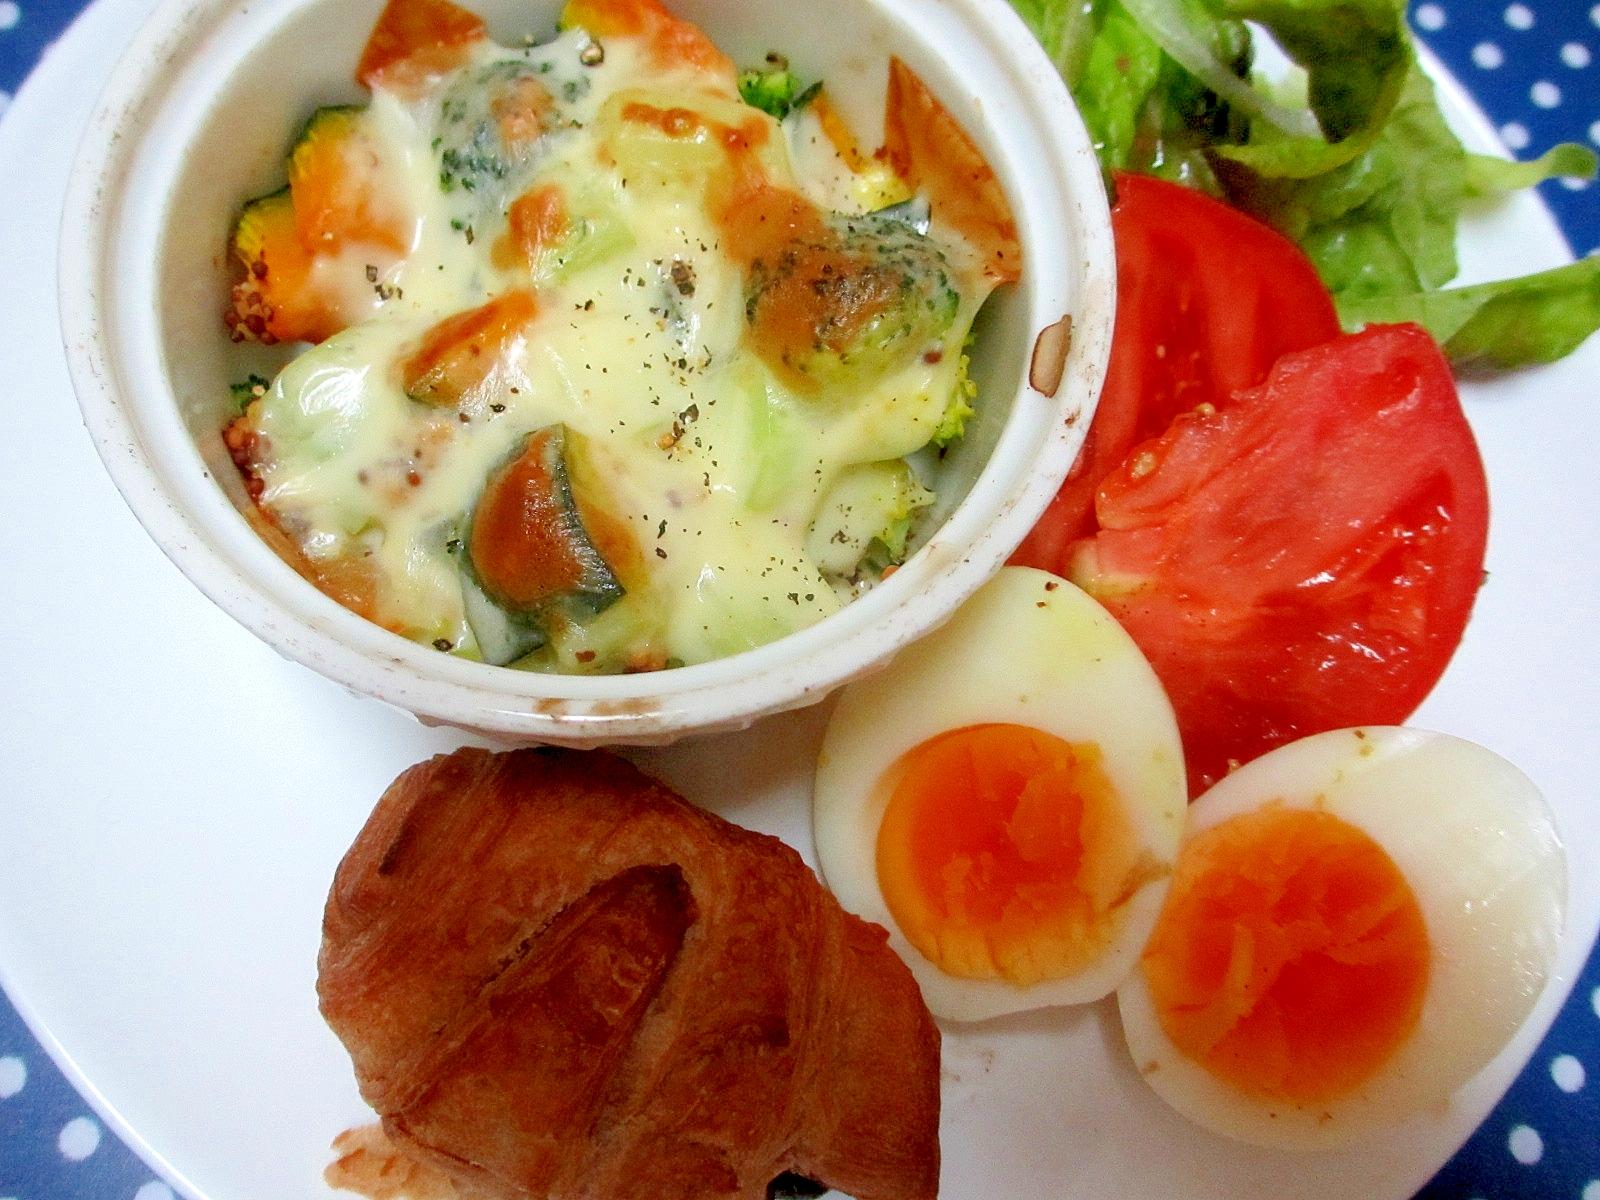 かぼちゃとブロッコリーのチーズ焼きのワンロプレート レシピ・作り方 by mococo05|楽天レシピ